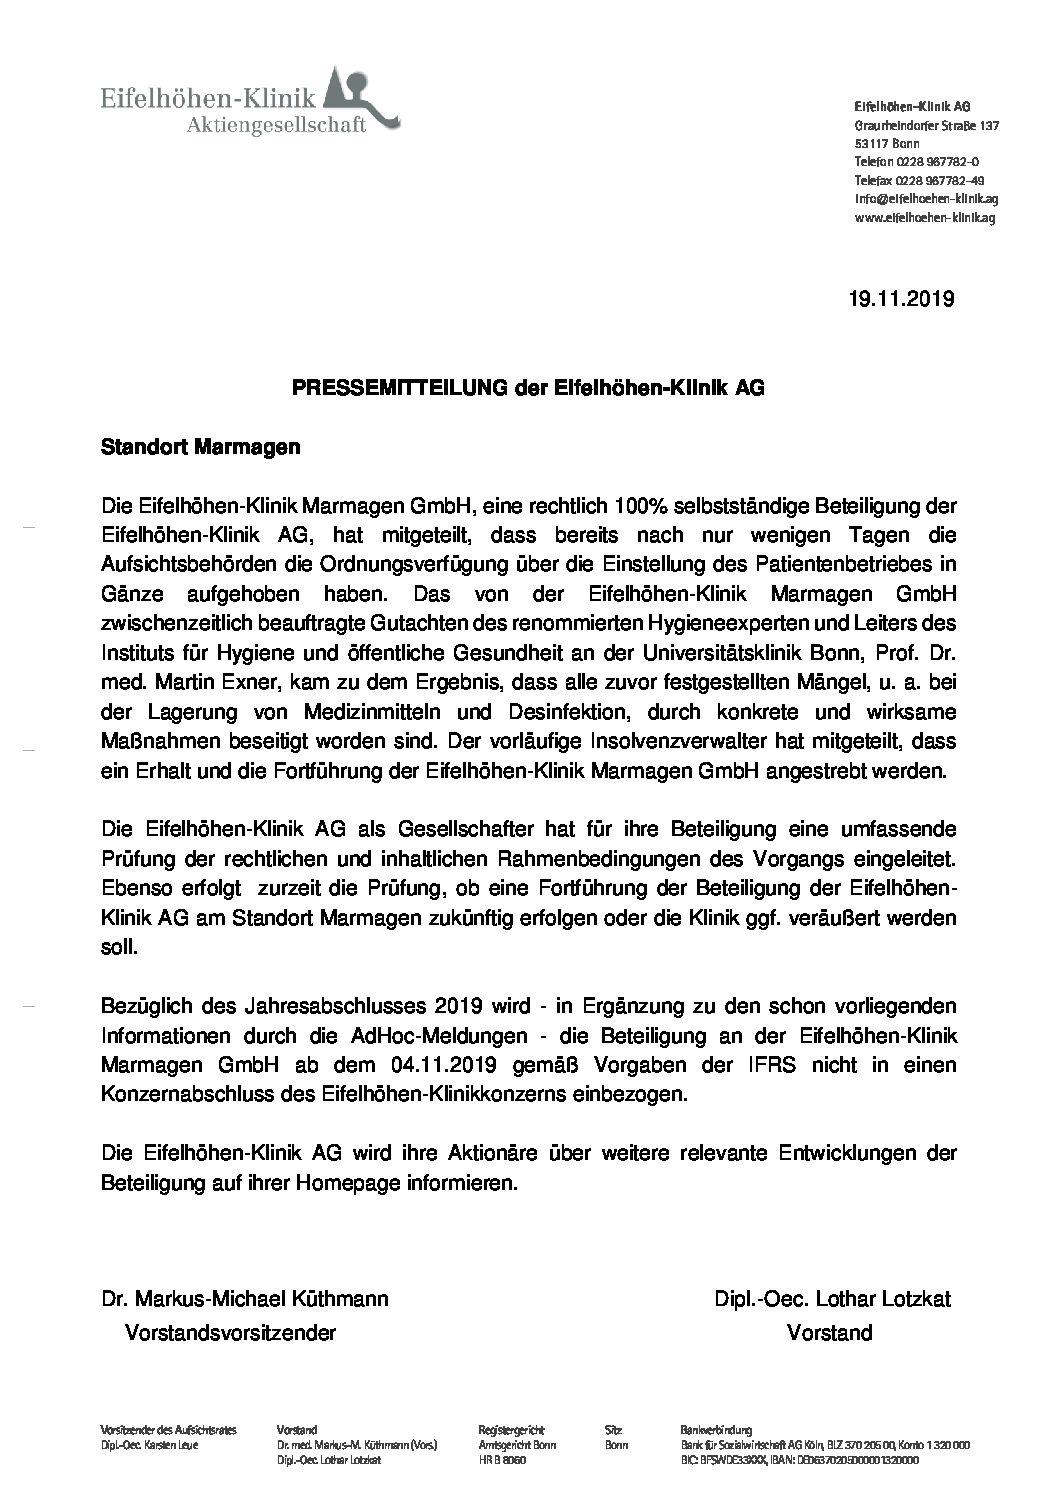 Presseerklärung 19.11.2019_Standort Marmagen